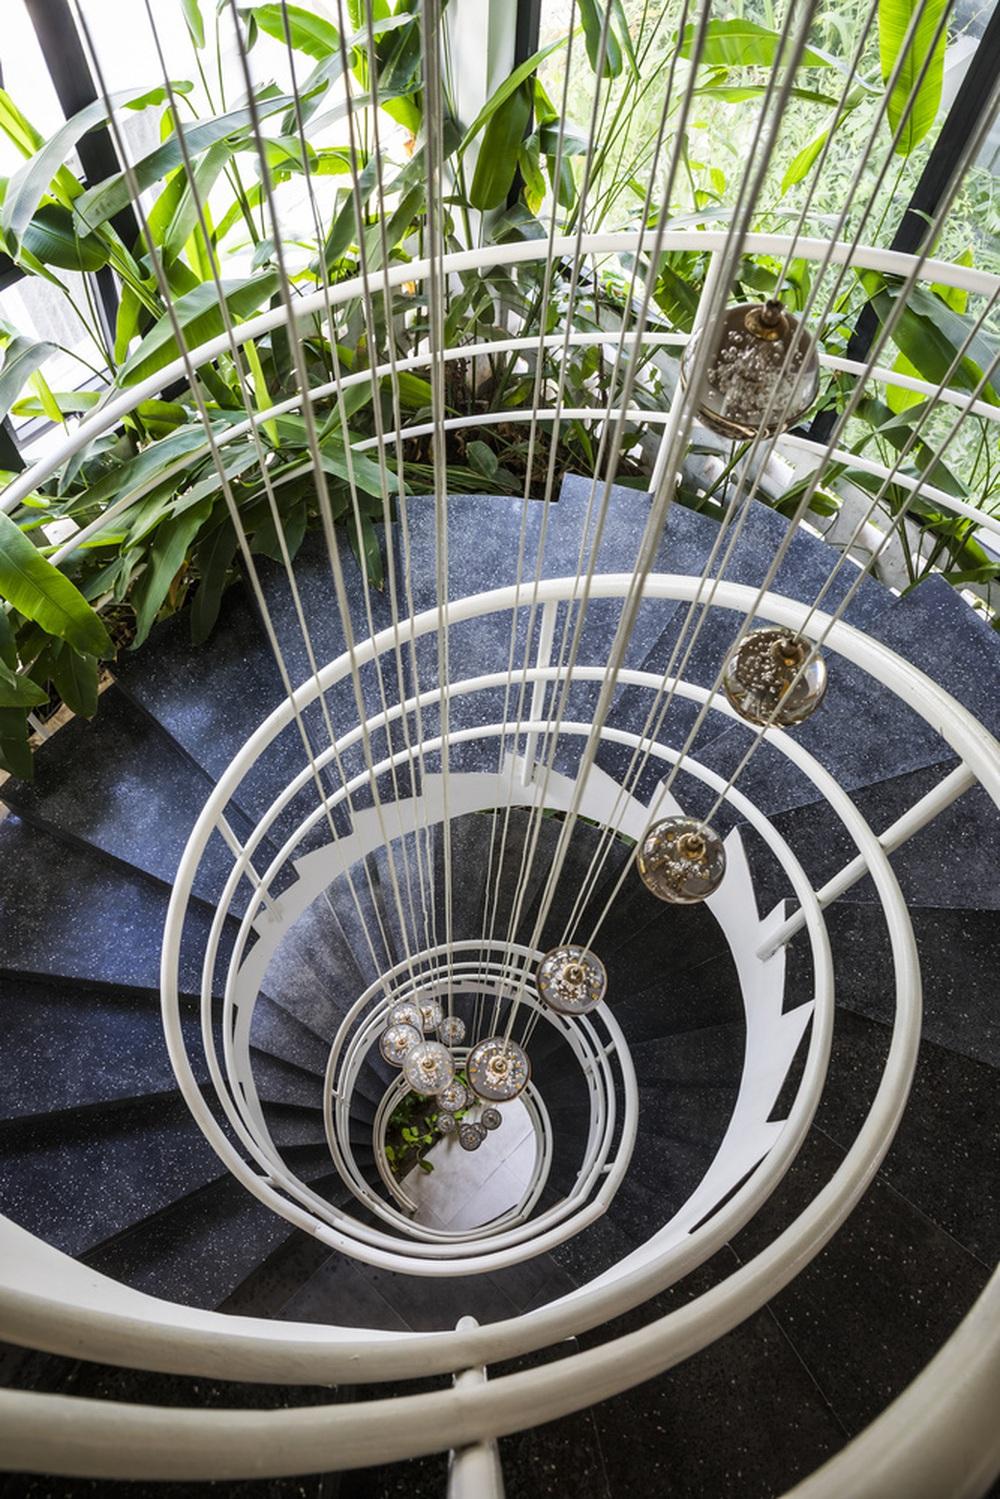 Vườn treo tại Đà Nẵng được cải tạo từ căn nhà xây dang dở xuất hiện long lanh trên báo Mỹ - Ảnh 7.